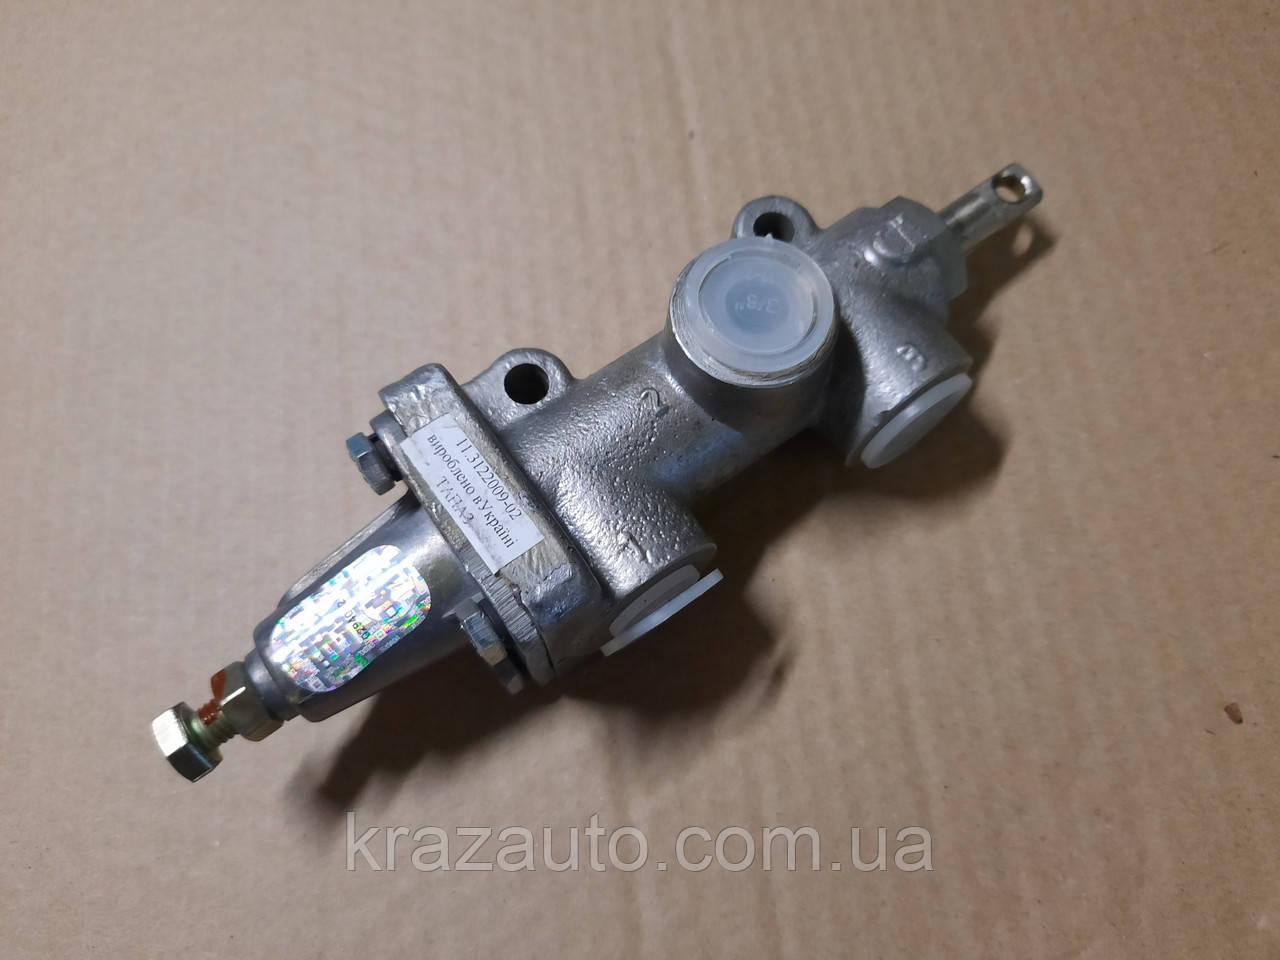 Кран управления давлением в шинах (ПААЗ) 11.3122009-02